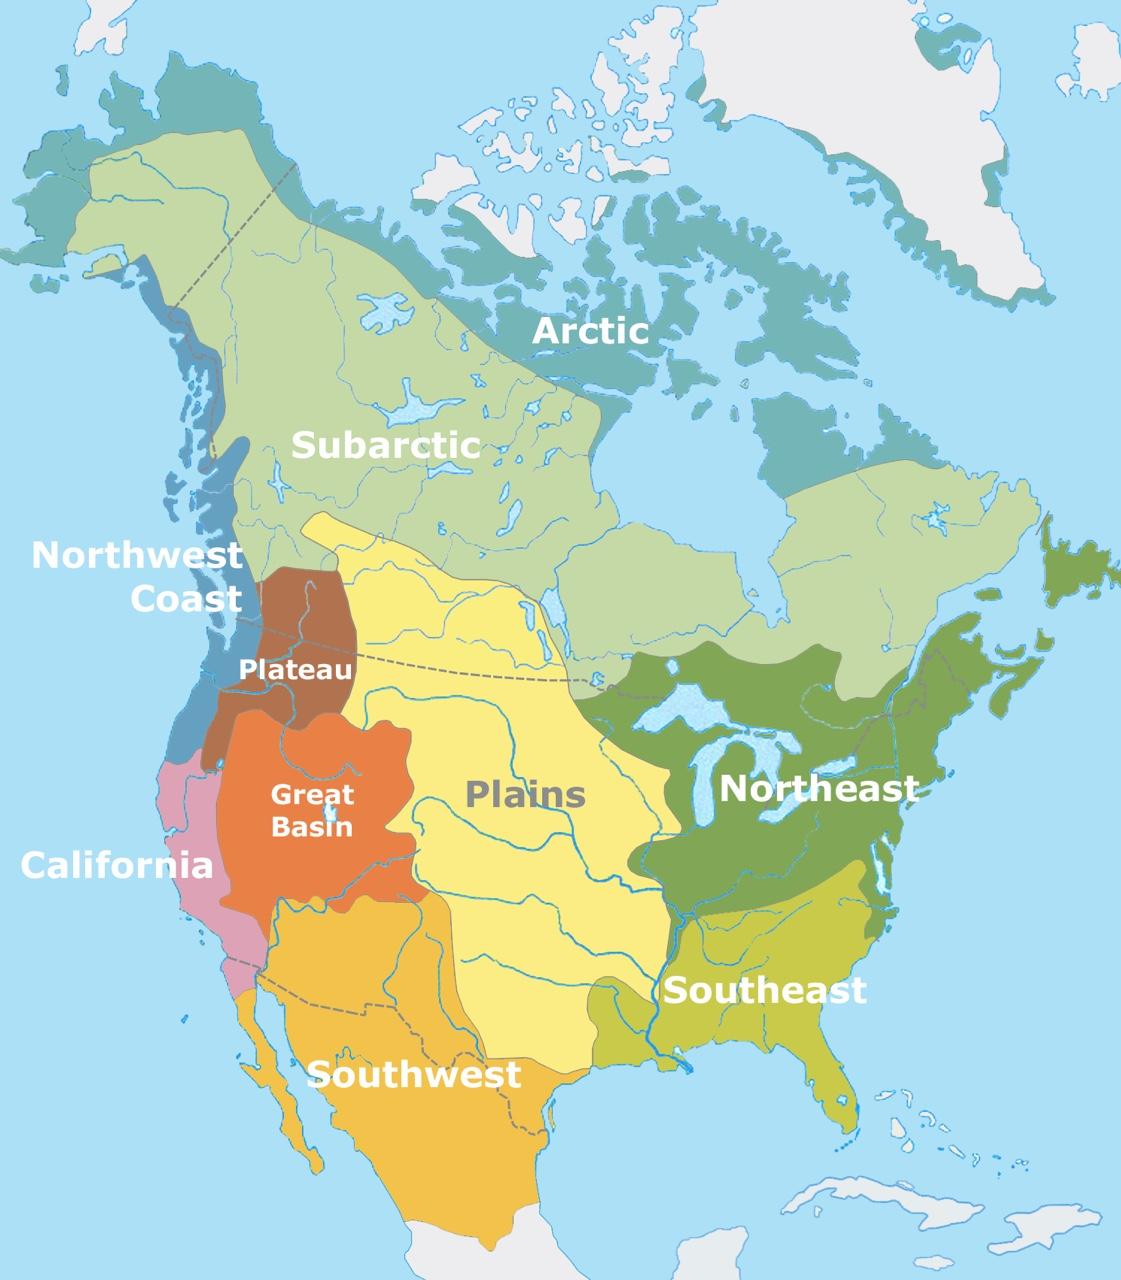 Southwestern United States Wikipedia Printable Travel Maps Of - Southwest usa highway map